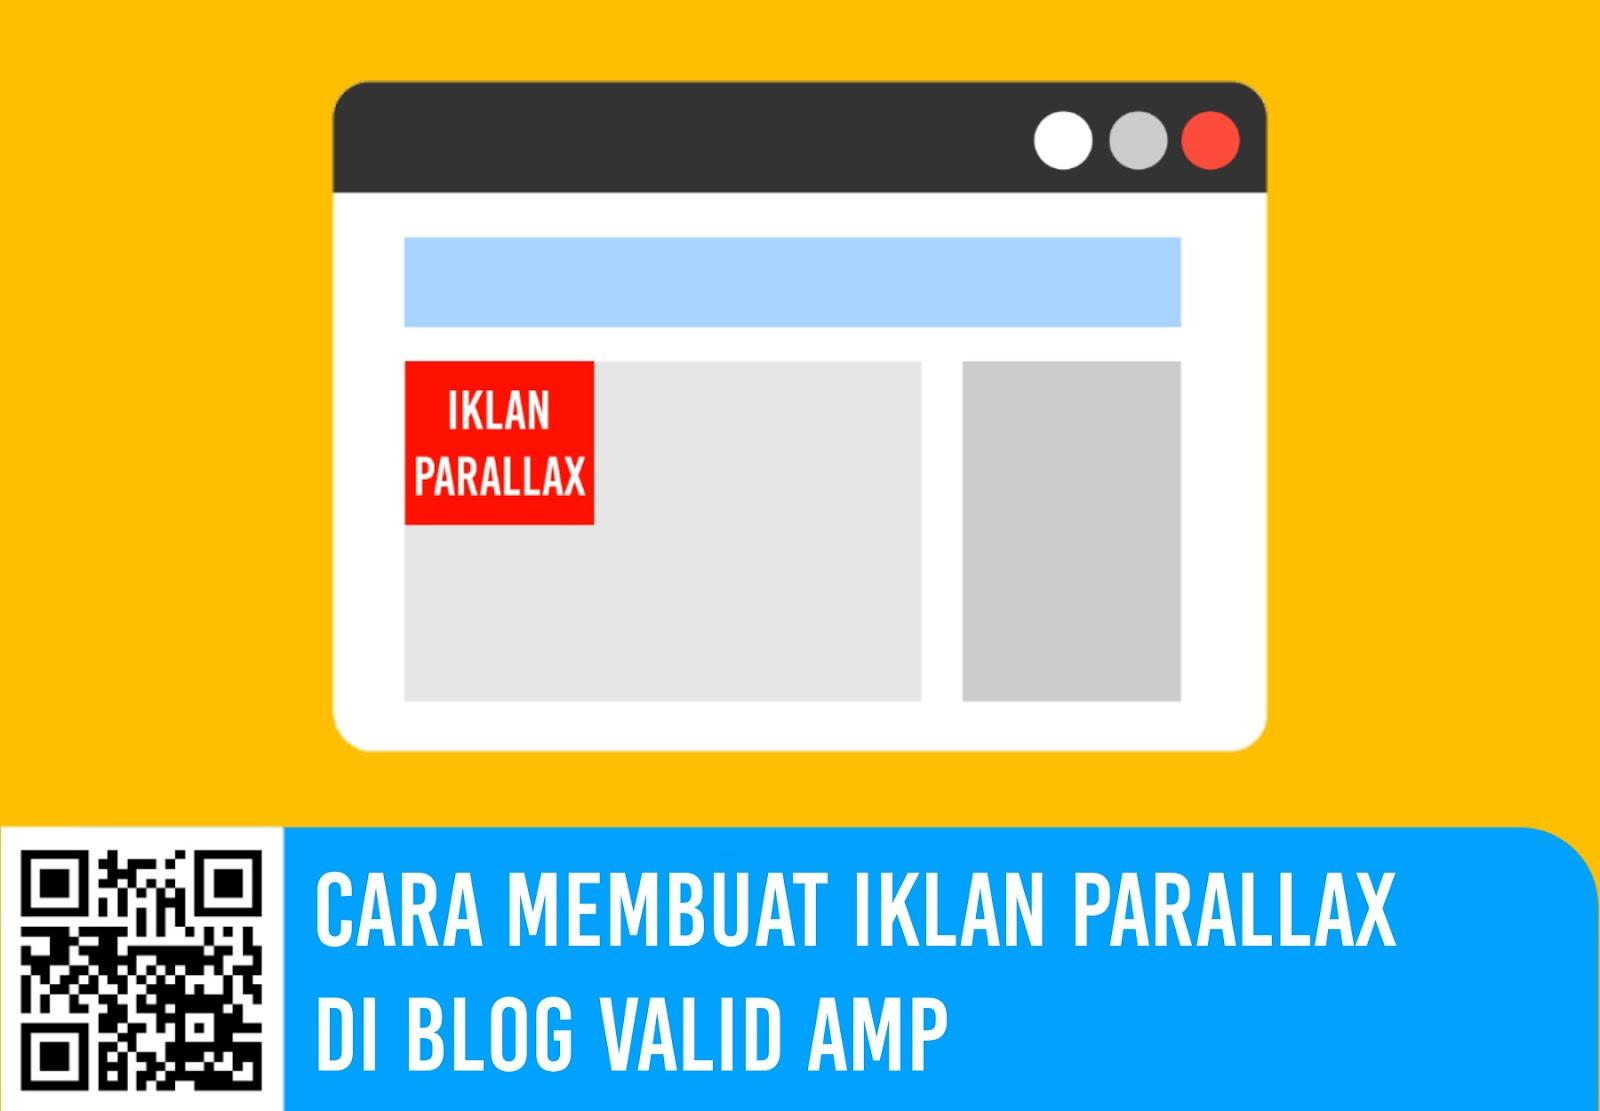 Cara Membuat Iklan Parallax di Blog Valid AMP